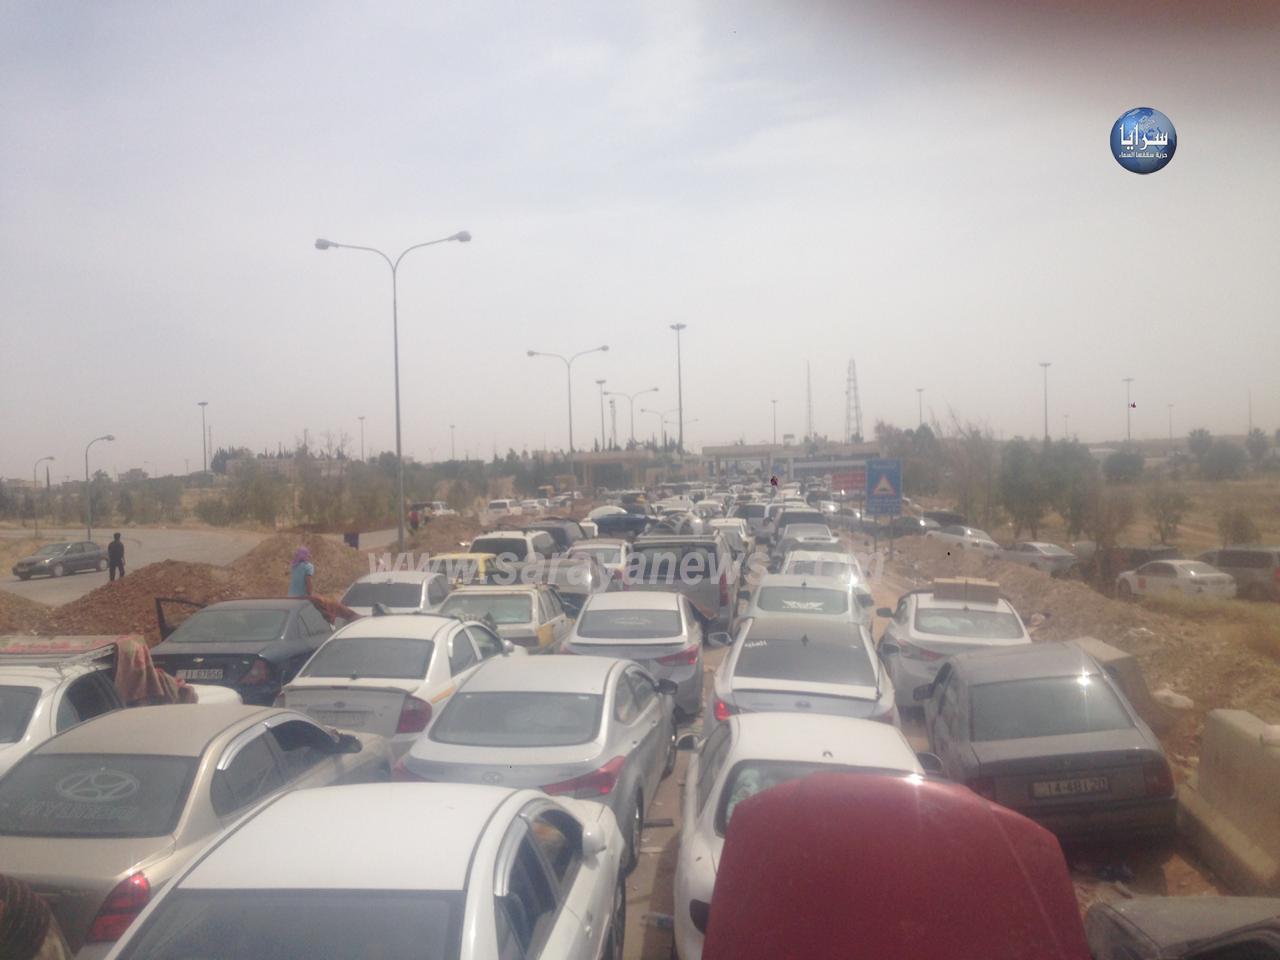 بالصور ..  مئات المركبات عالقة بين الحدود الأردنية والسورية منذ أربعة أيام